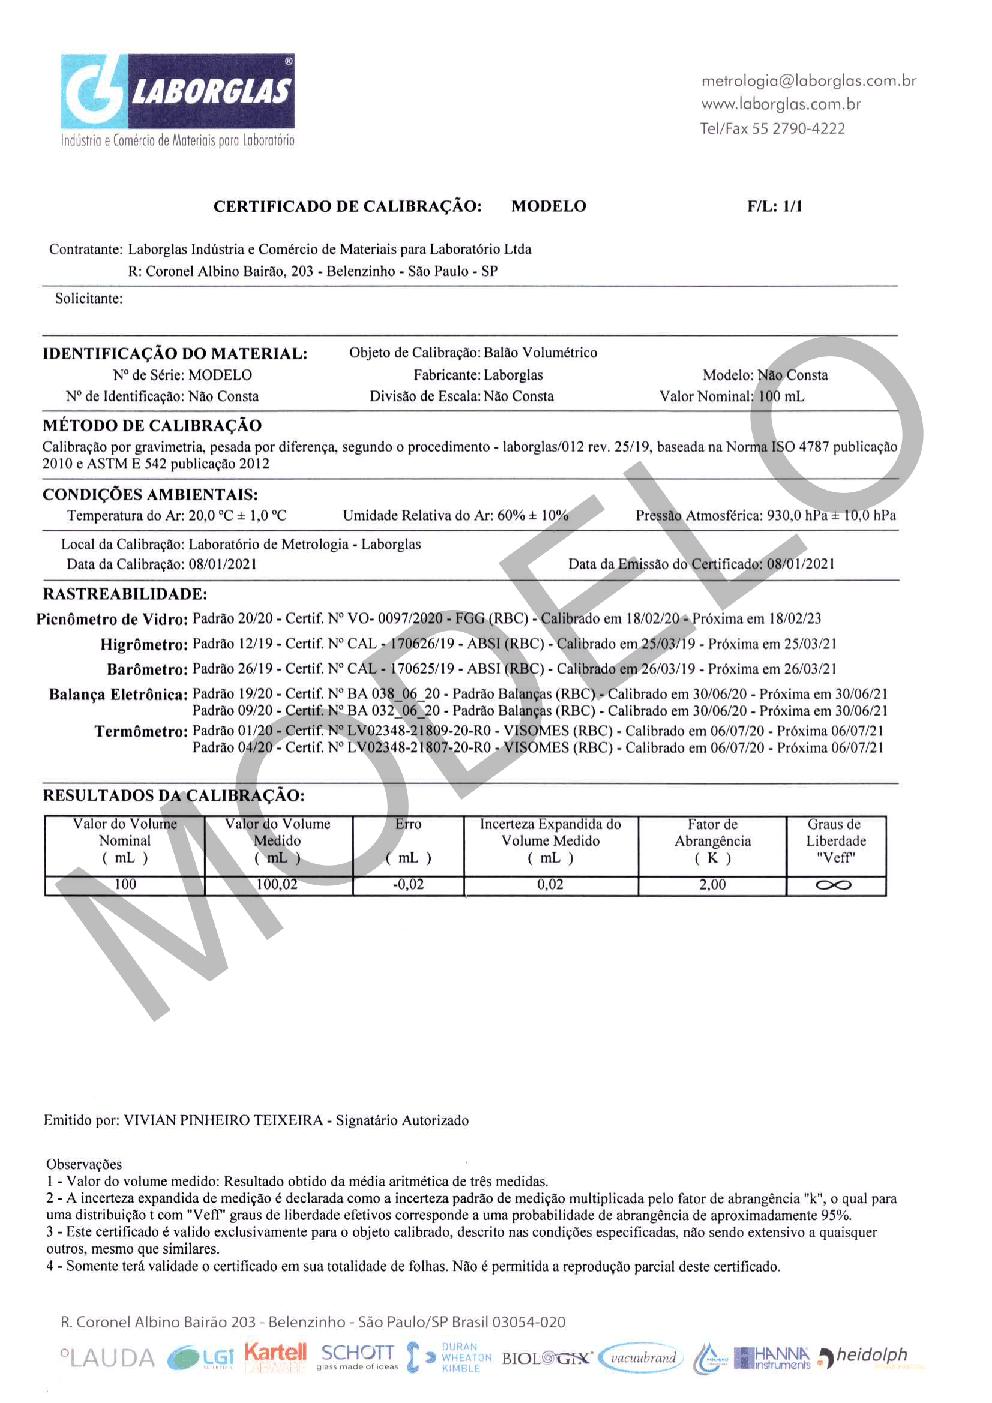 BALÃO VOLUMÉTRICO CLASSE A ROLHA POLI C/ CERTIFICADO RASTREÁVEL 2 ML - Marca Laborglas - Cód. 9167802-C